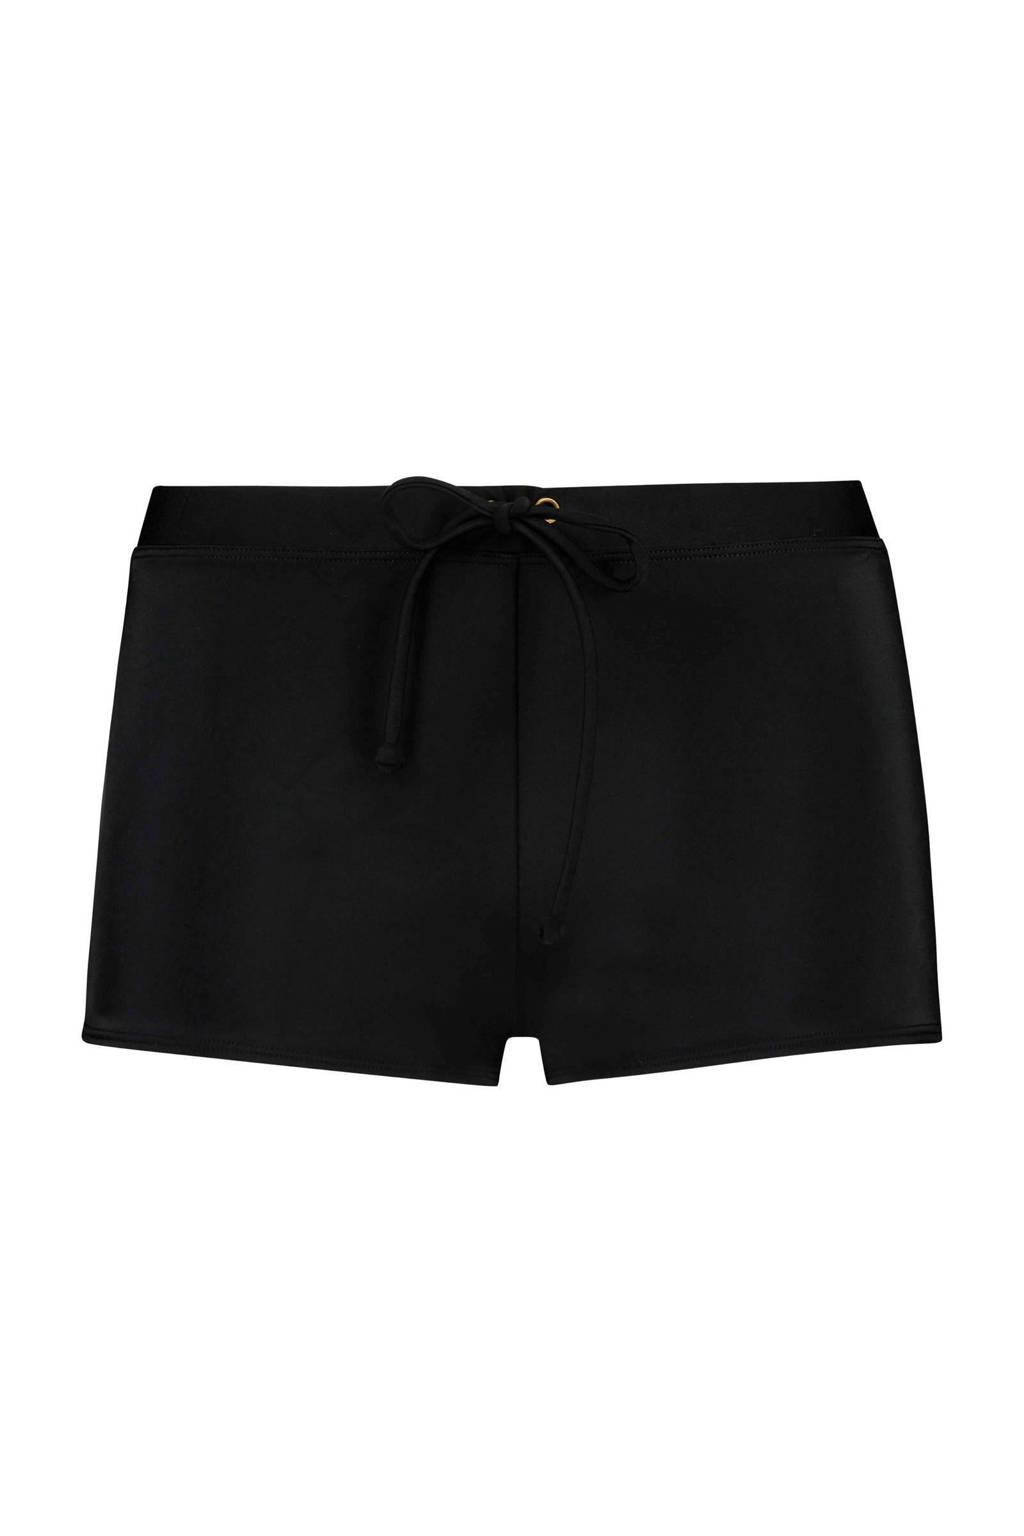 Hunkemöller boxer bikinibroekje basic zwart, Zwart